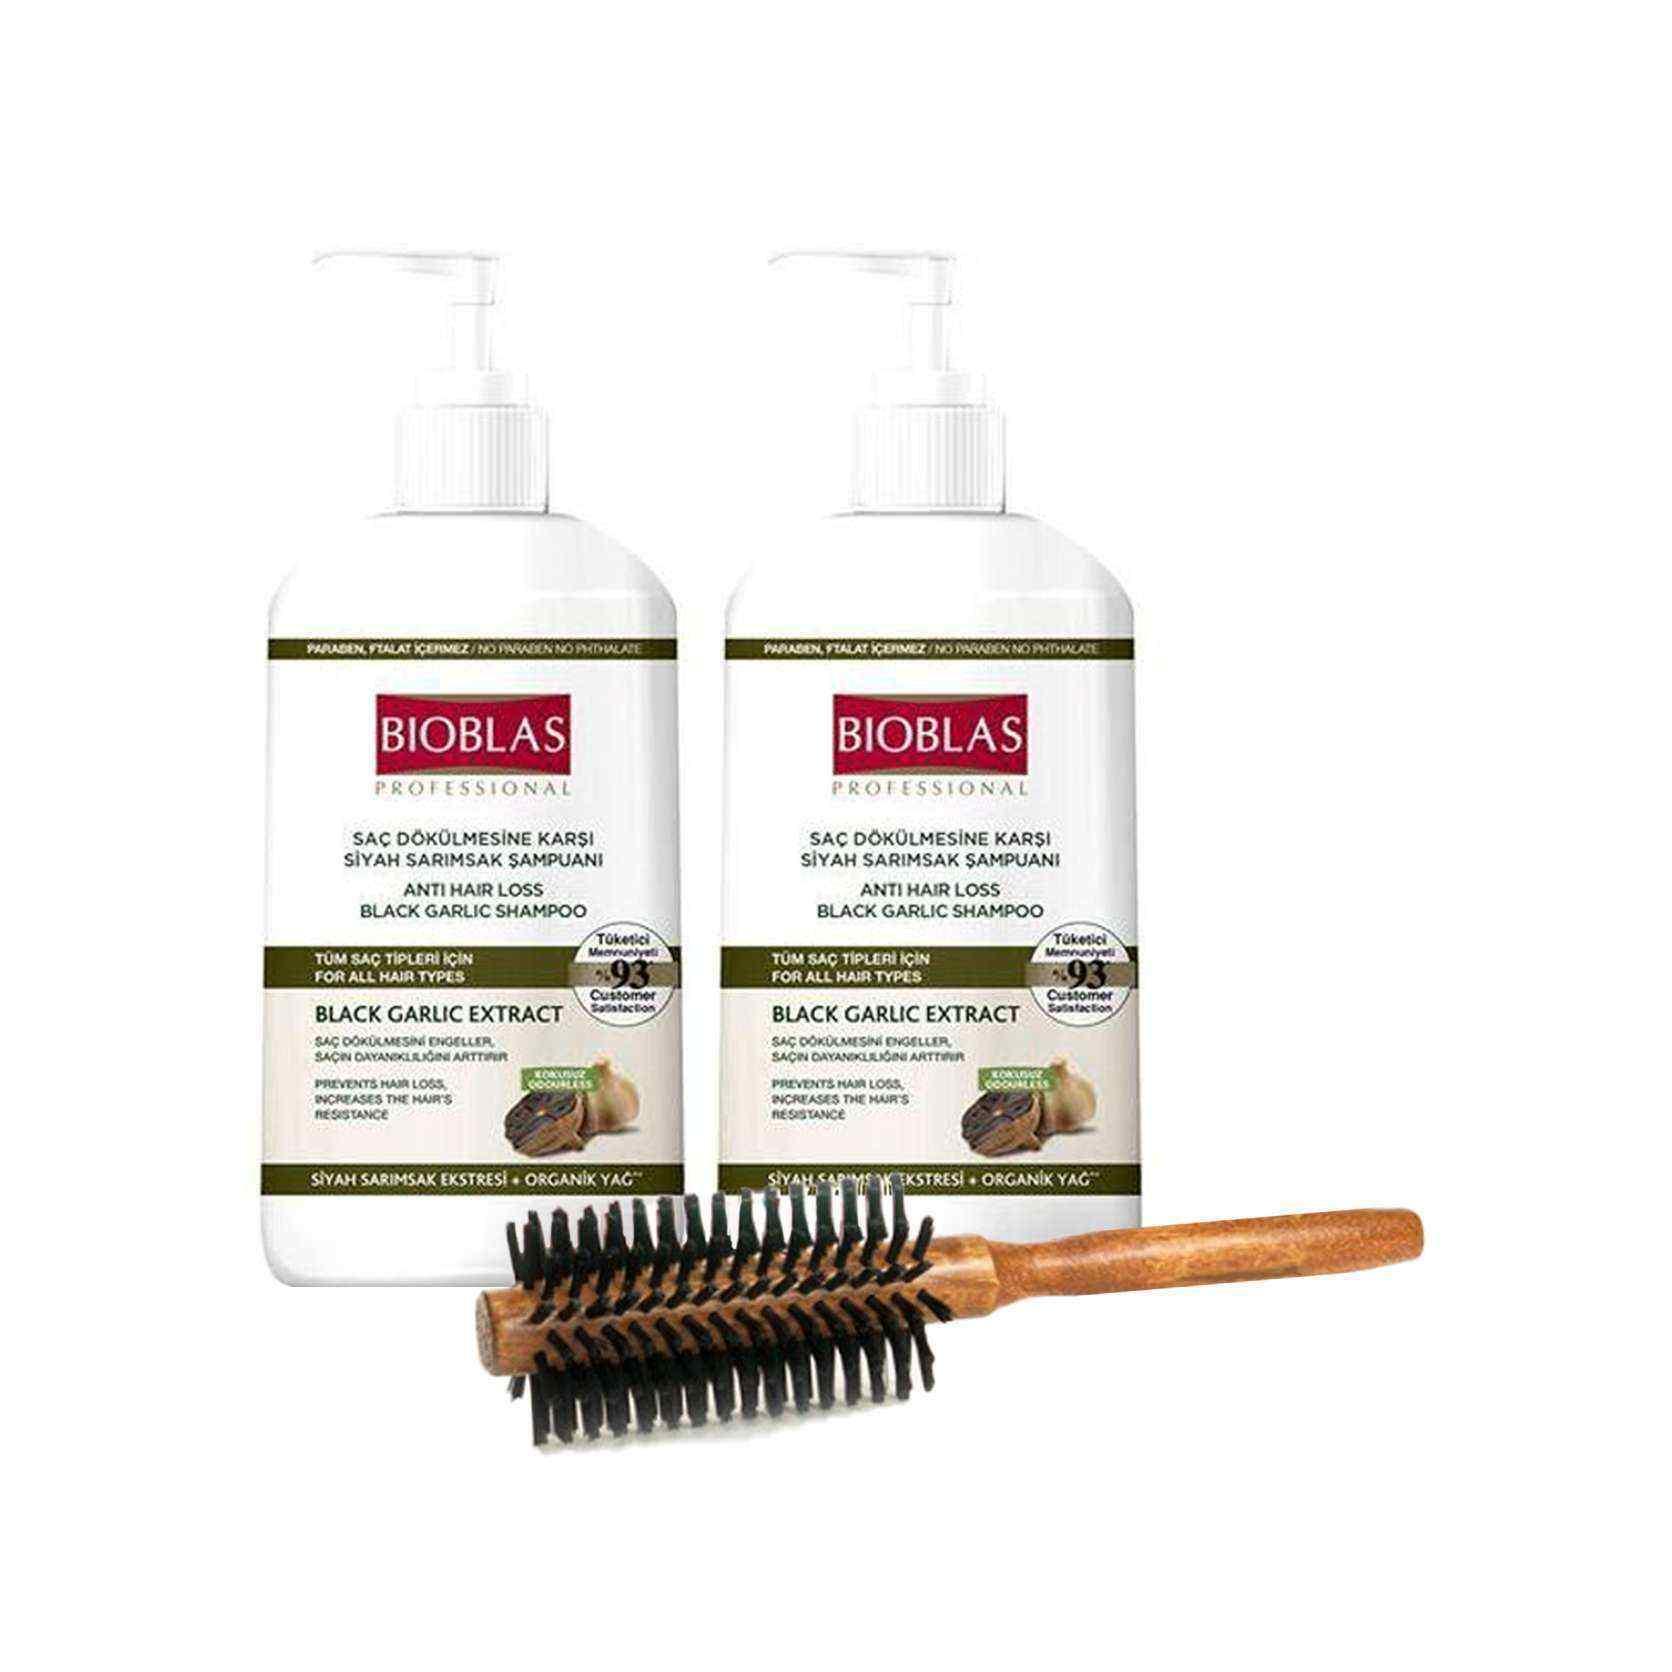 Bıoblas Saç Dökülmesine Karşı Siyah Sarımsak Şampuanı 2 Adet - Tarak Hediyeli